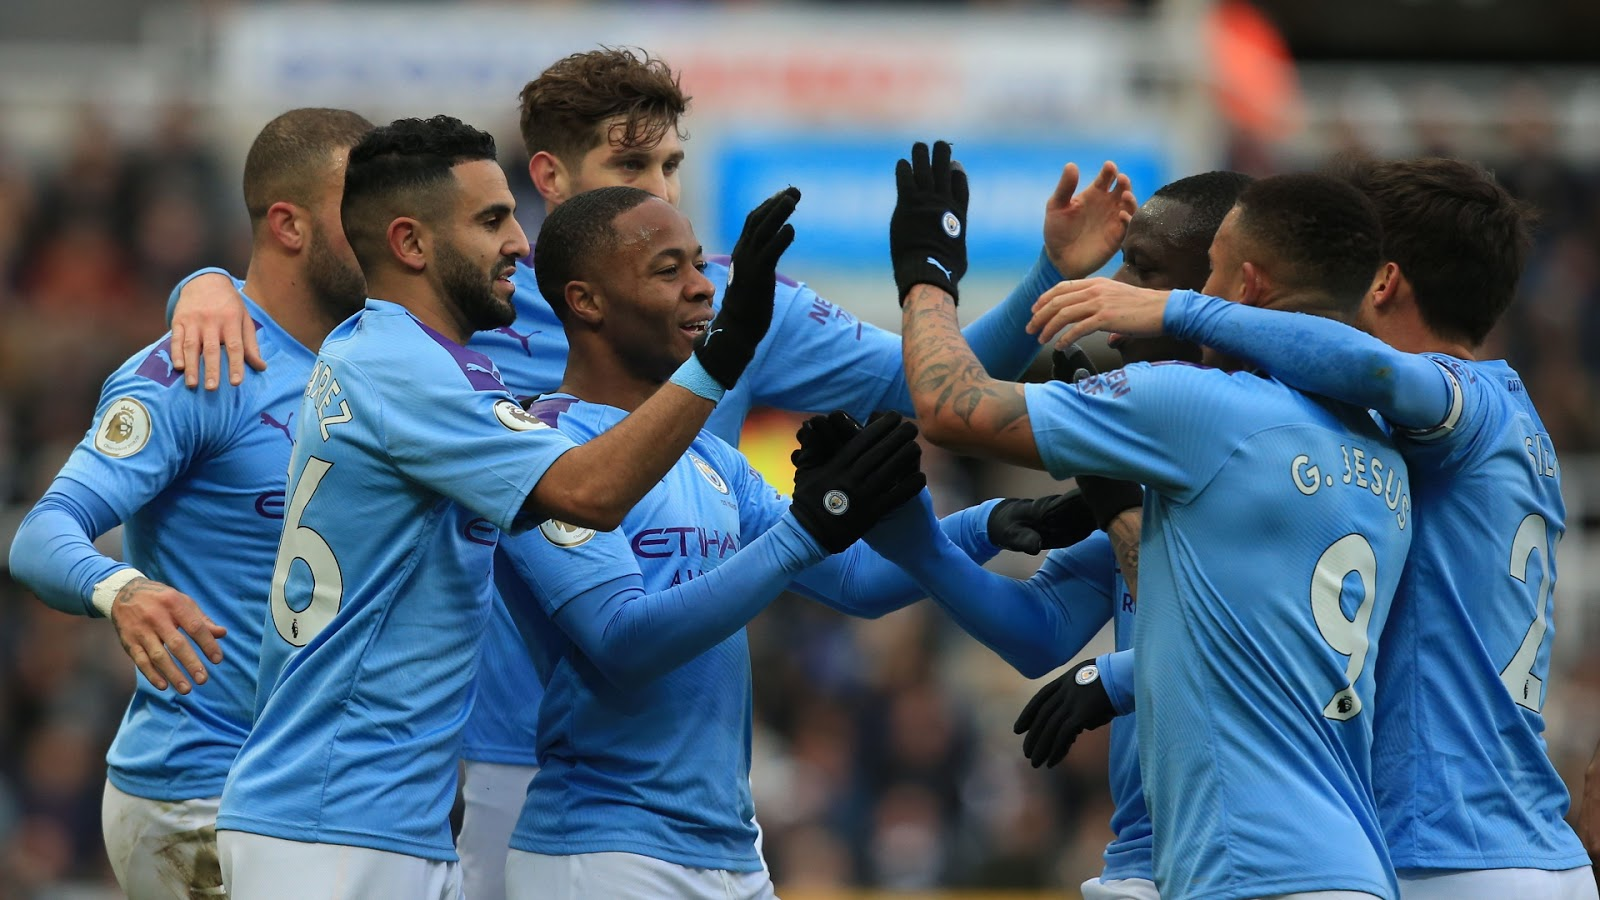 نتيجة مباراة مانشستر سيتي واكسفورد يونايتد بتاريخ 18-12-2019 كأس الرابطة الإنجليزية